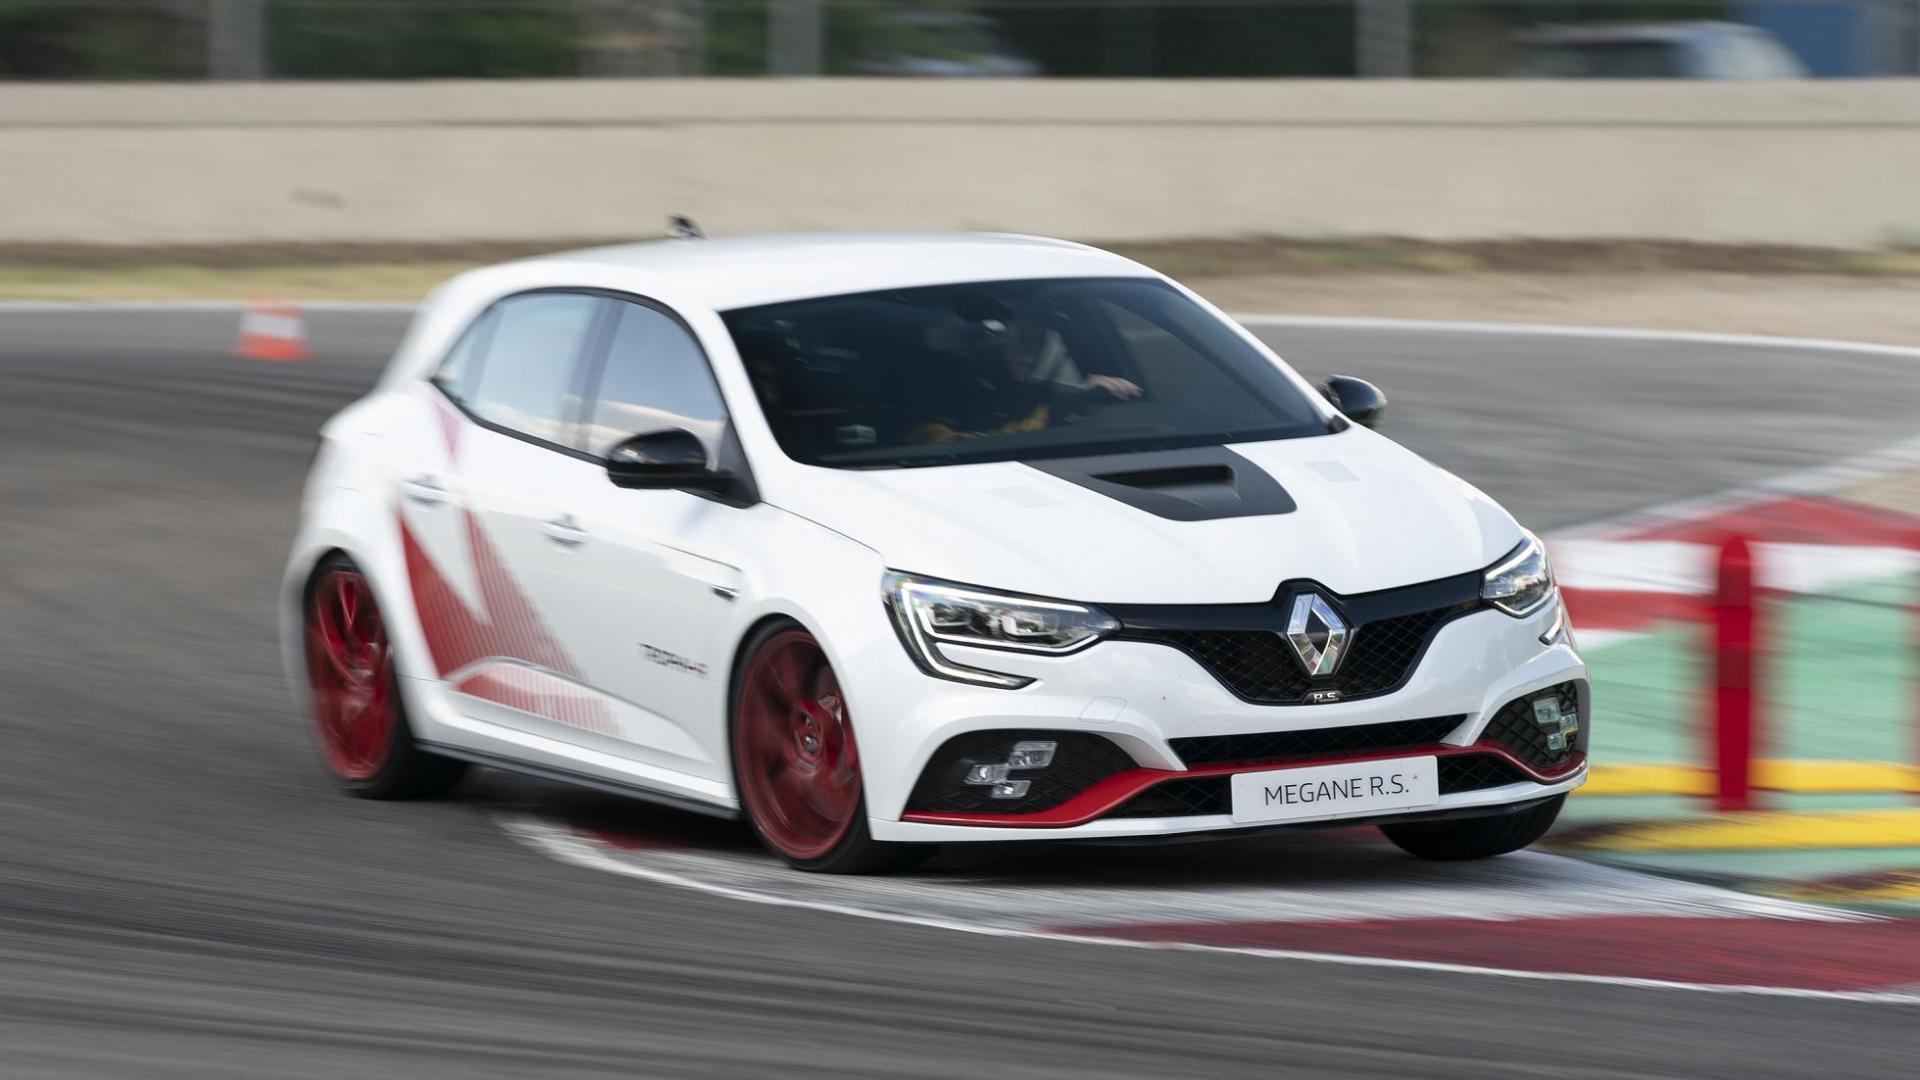 Renault Mégane RS Trophy-R drie kwart links voor in bocht rode velgen